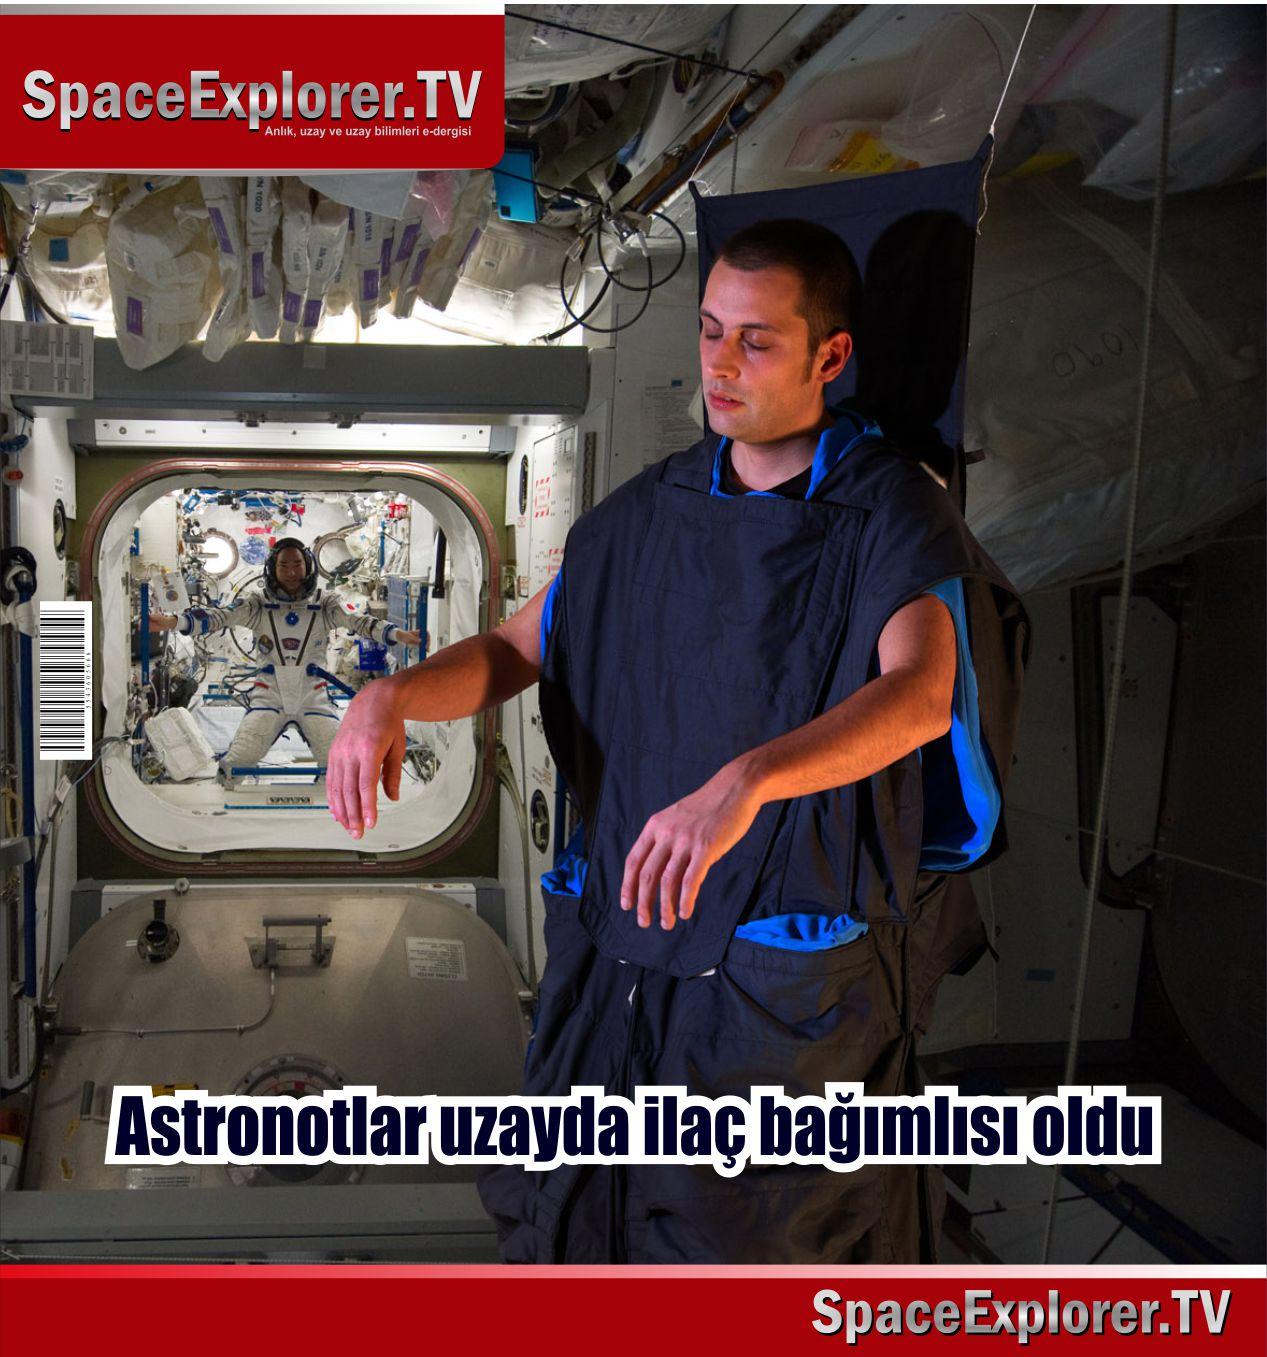 Lancet Neurology, Uluslar Arası Uzay İstasyonu, ISS, Astronotlar, NASA, NASA astronotlarının itirafları, Space Explorer,